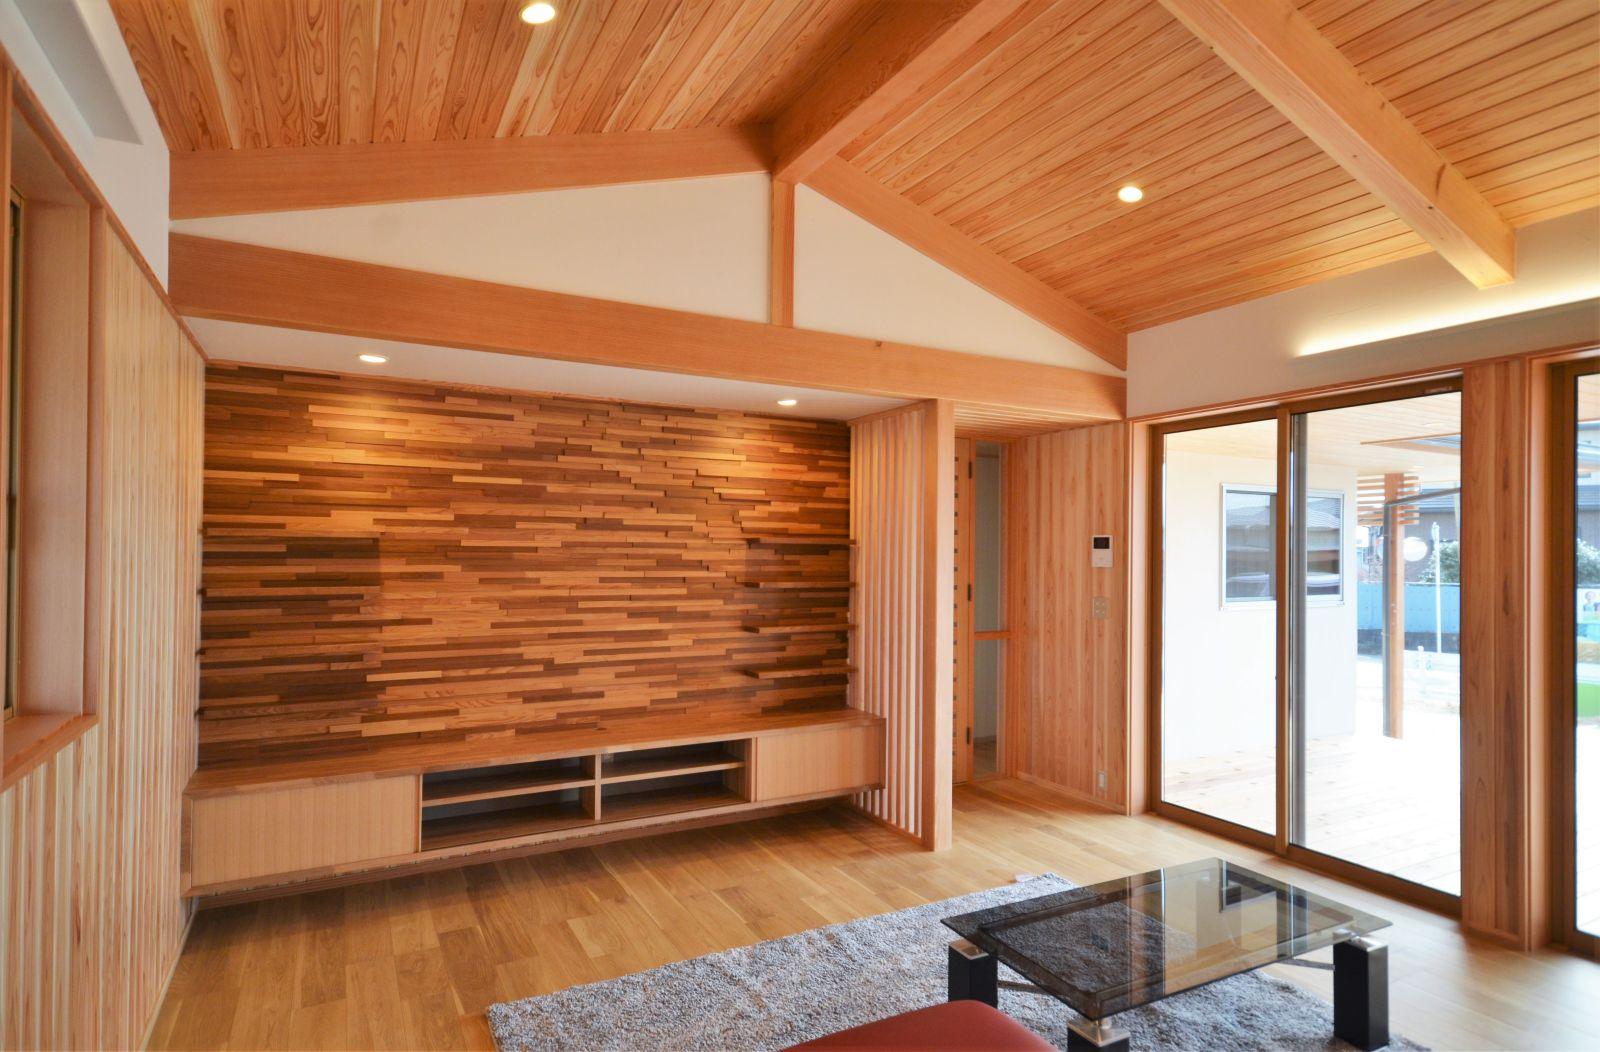 木製デッキ越しに庭をのぞむ平屋の家